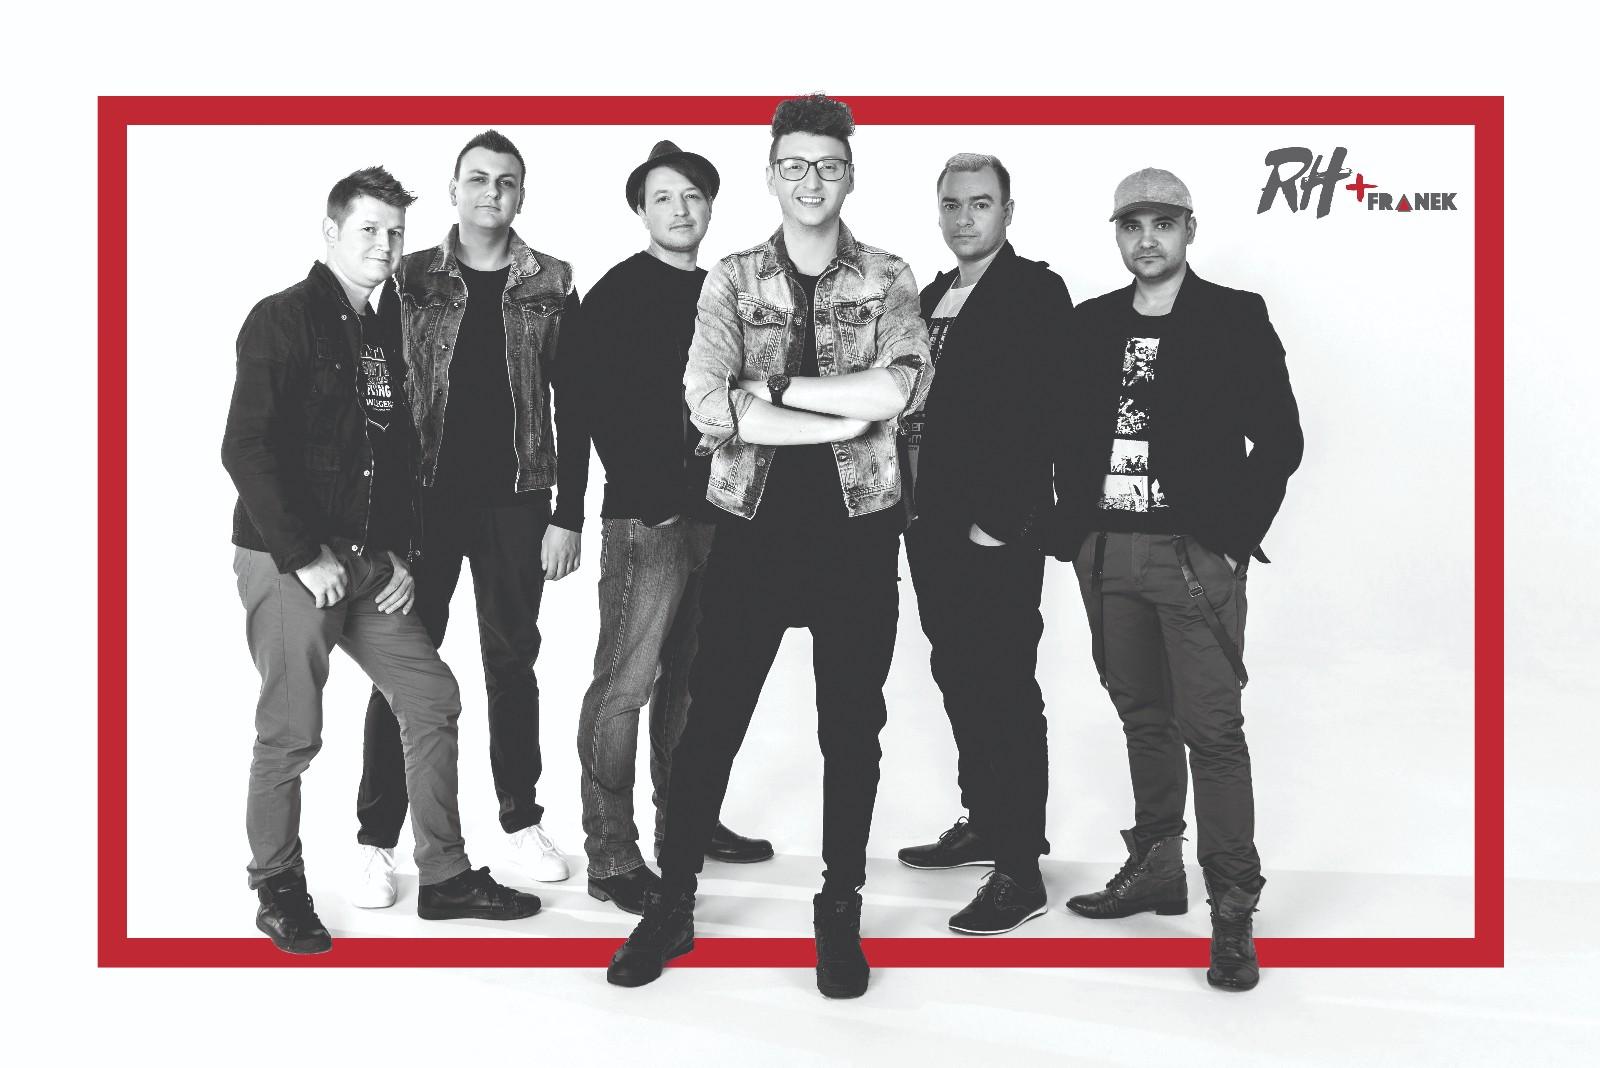 Rh+ zapowiada album z okazji jubileuszu